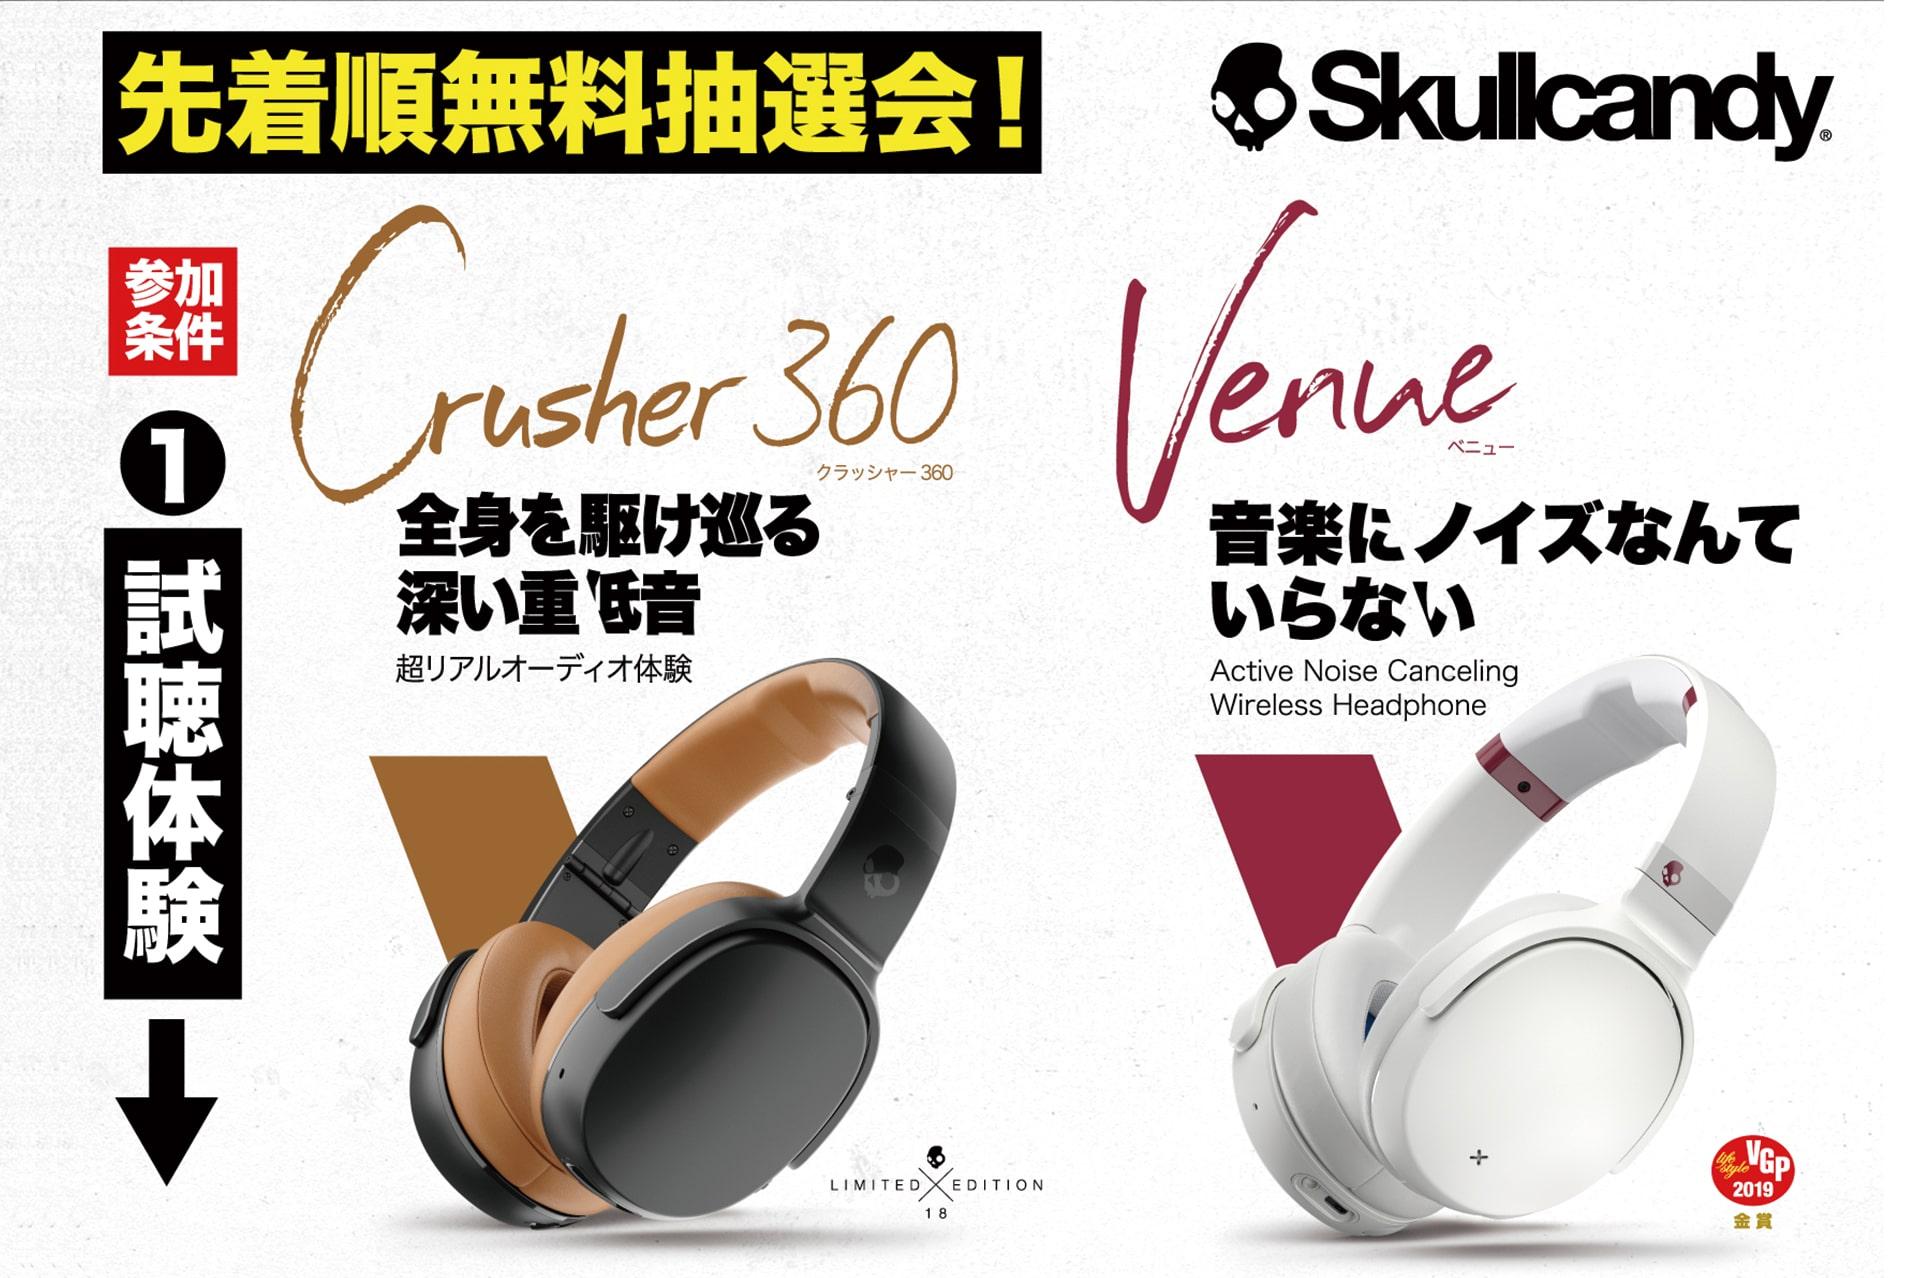 【Skullcandy】Skullcandy×ポタフェス 2大会場キャンペーン開催!